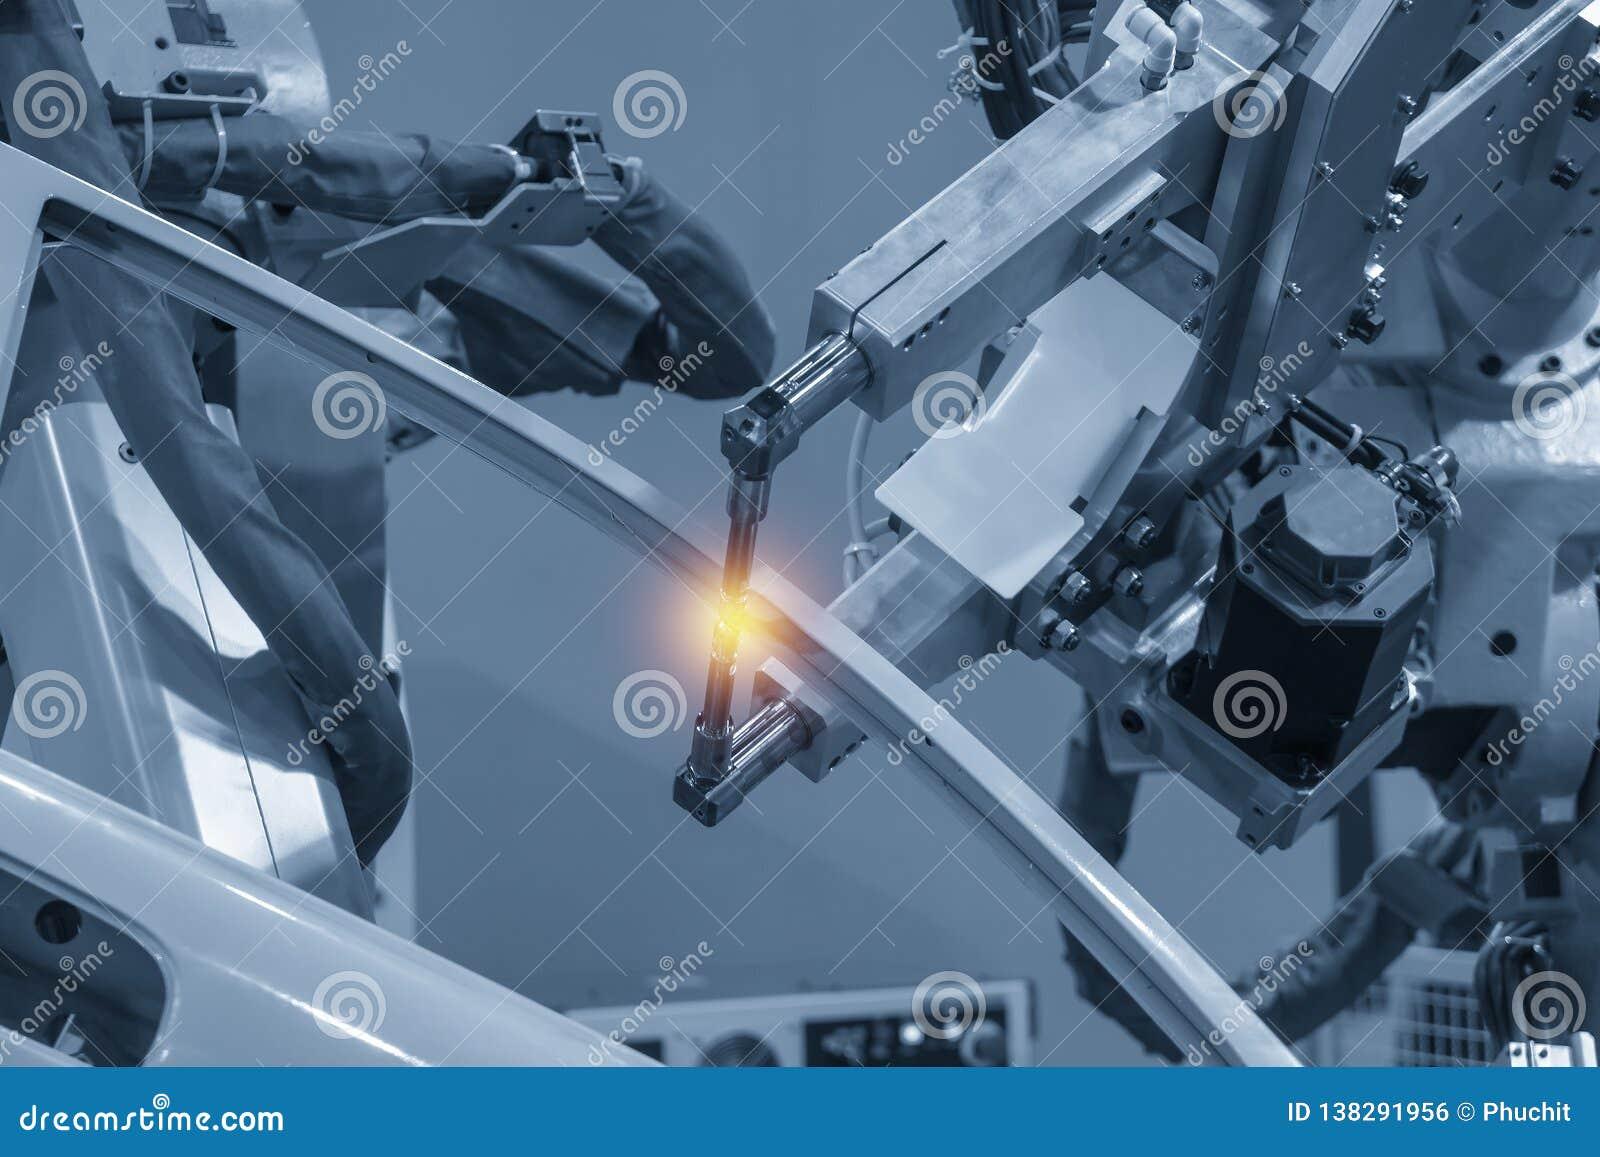 Η ρομποτική μηχανή συγκόλλησης που ενώνει στενά τα αυτοκίνητα μέρη